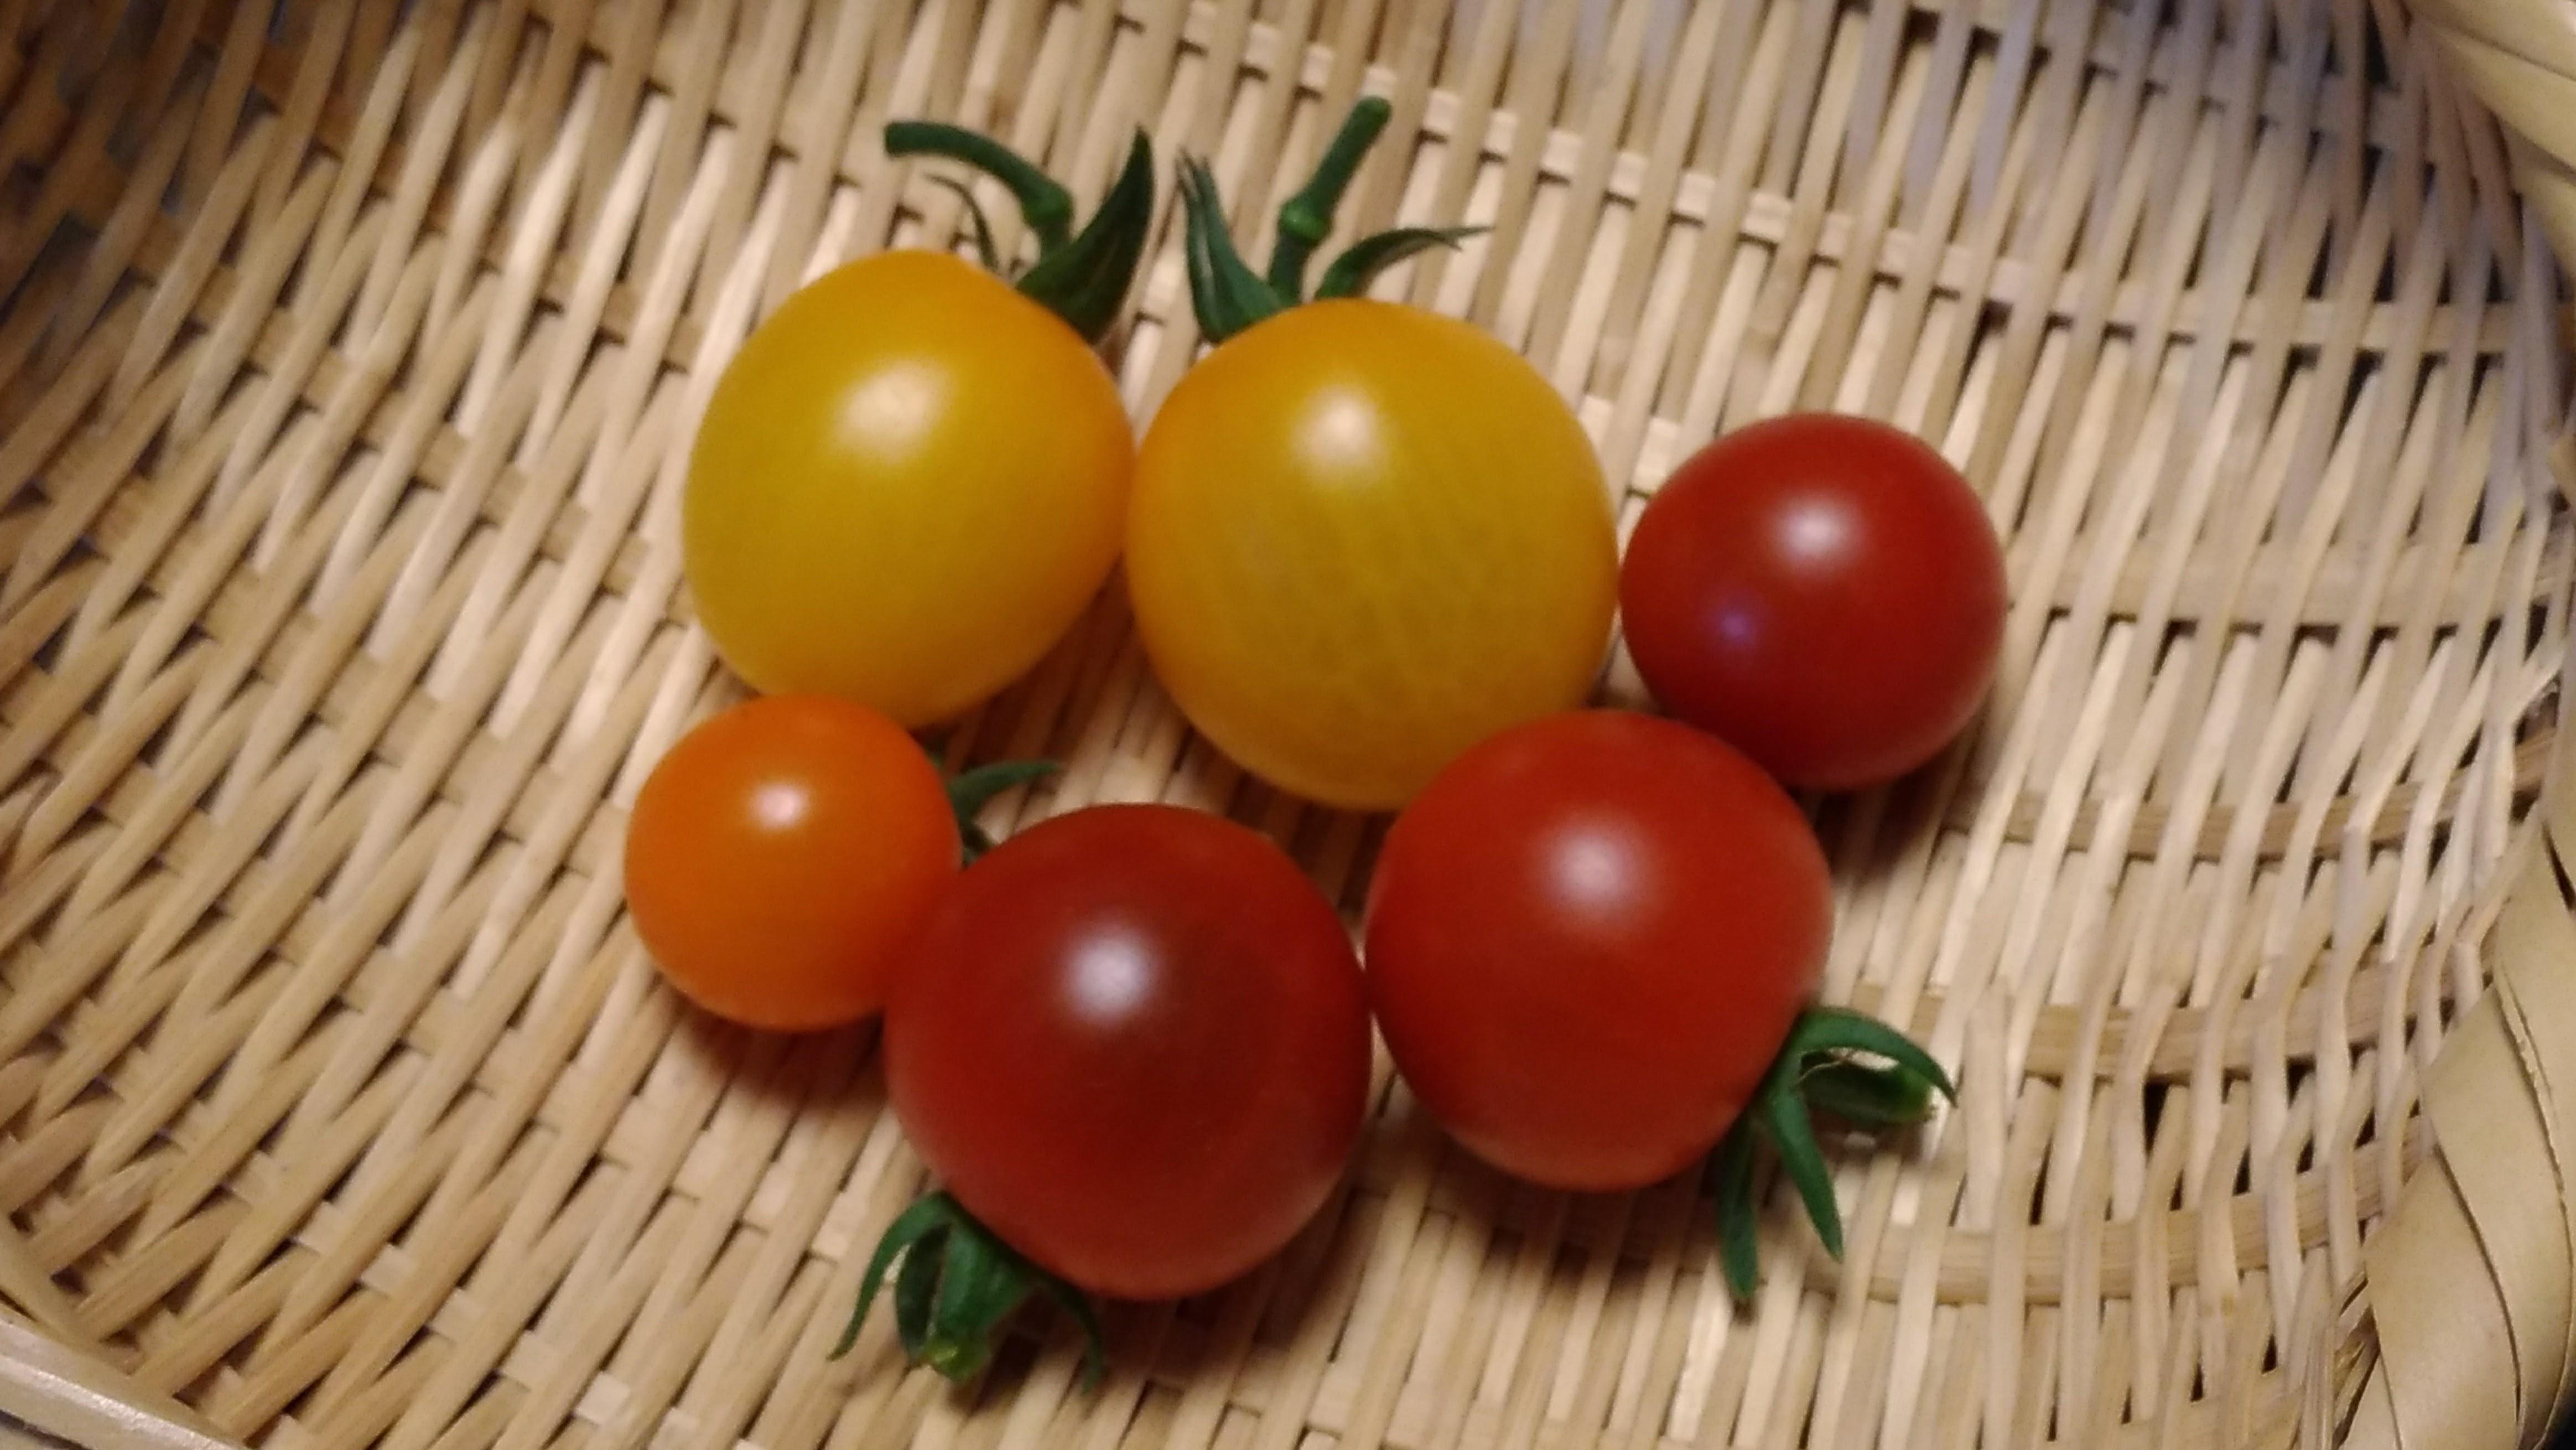 初収穫したトマト